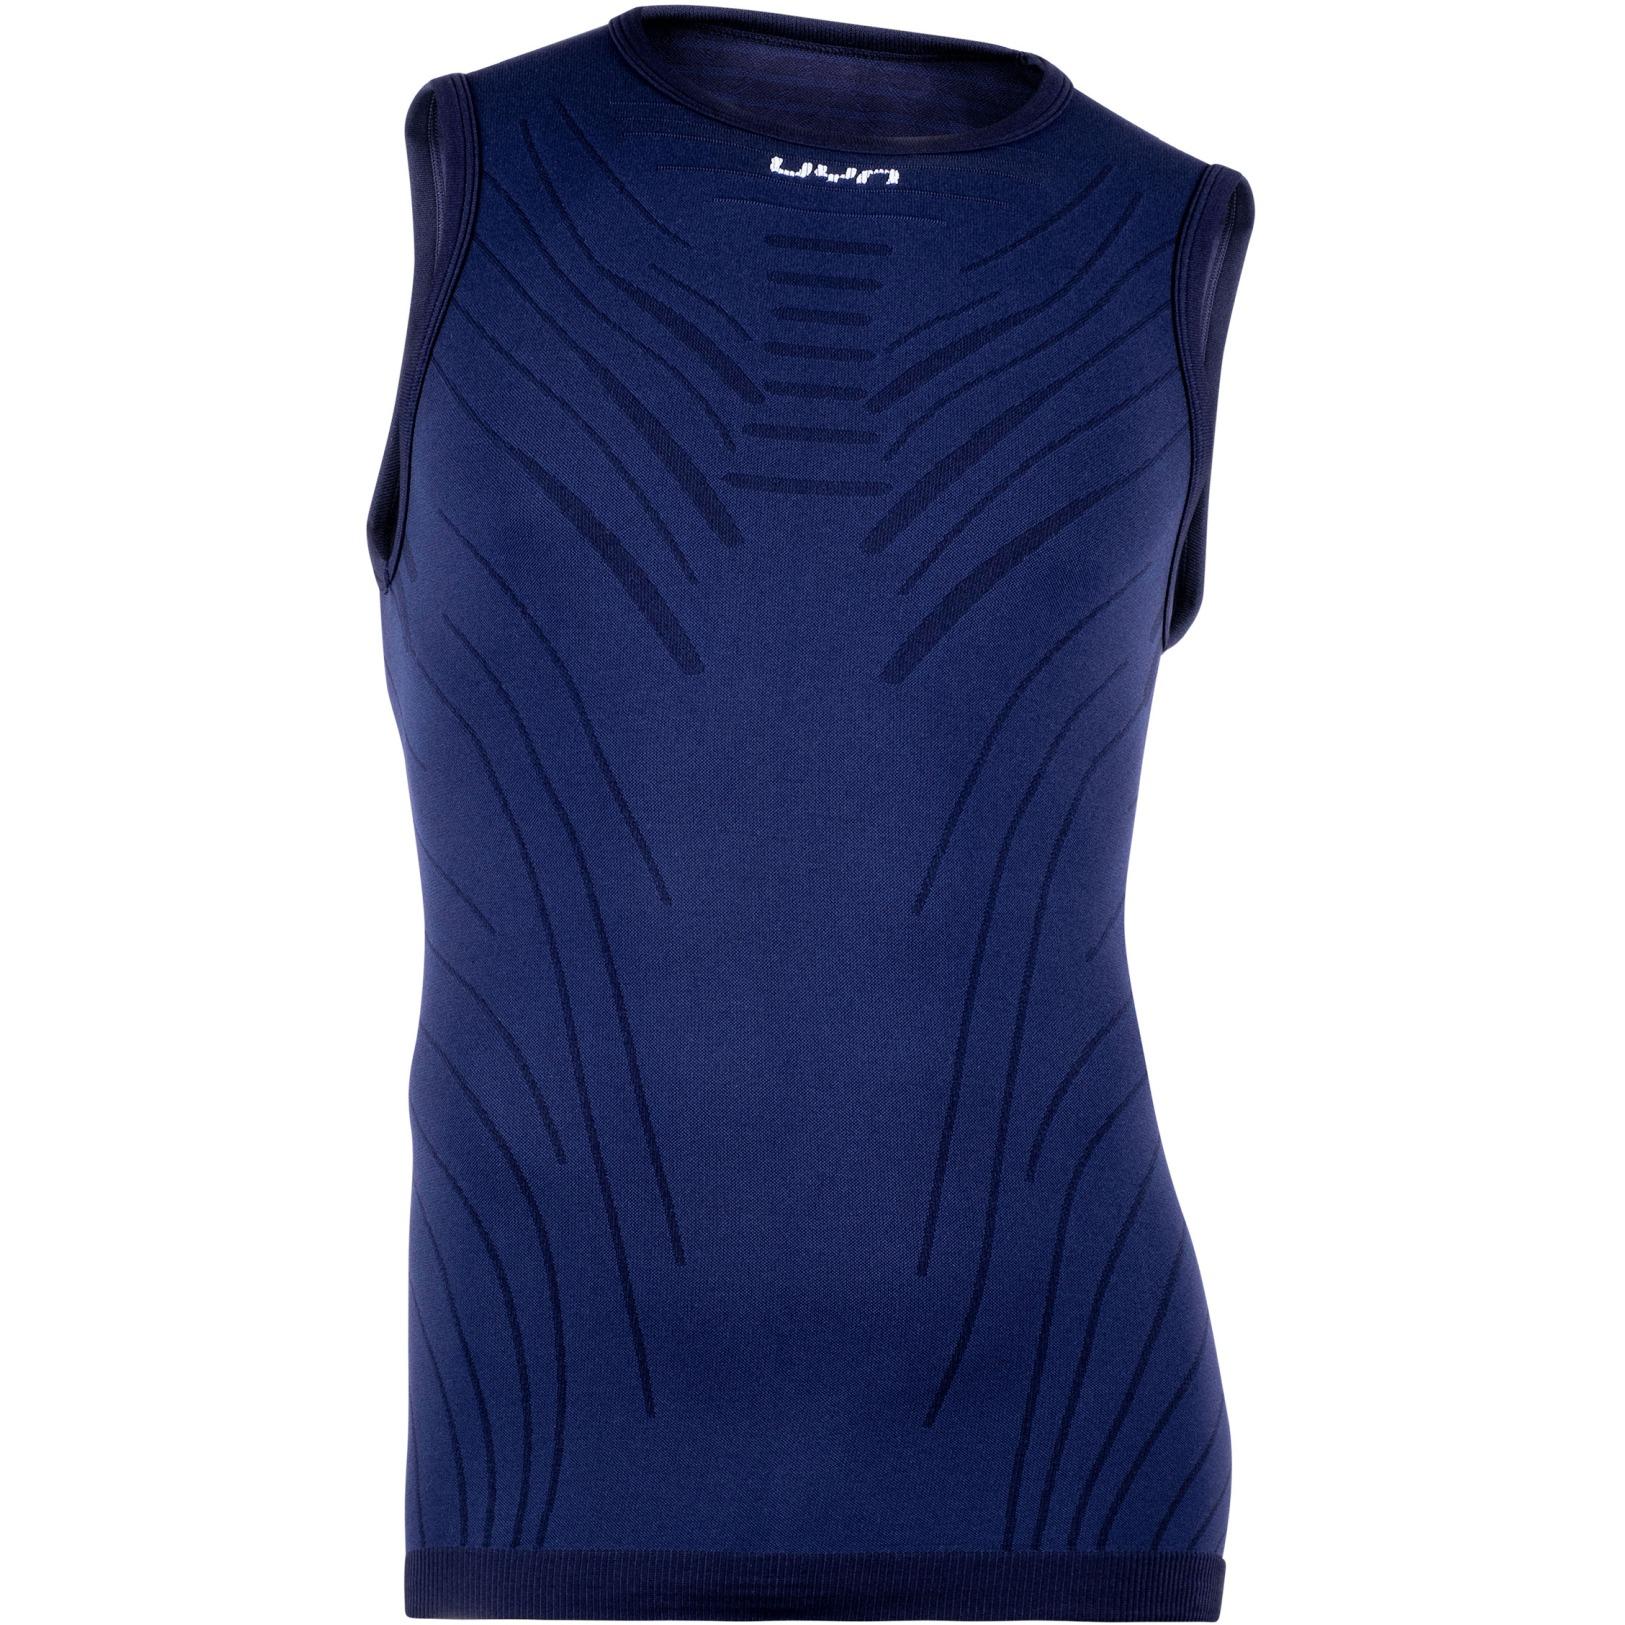 Bild von UYN Motyon 2.0 Ärmelloses Shirt - Blau